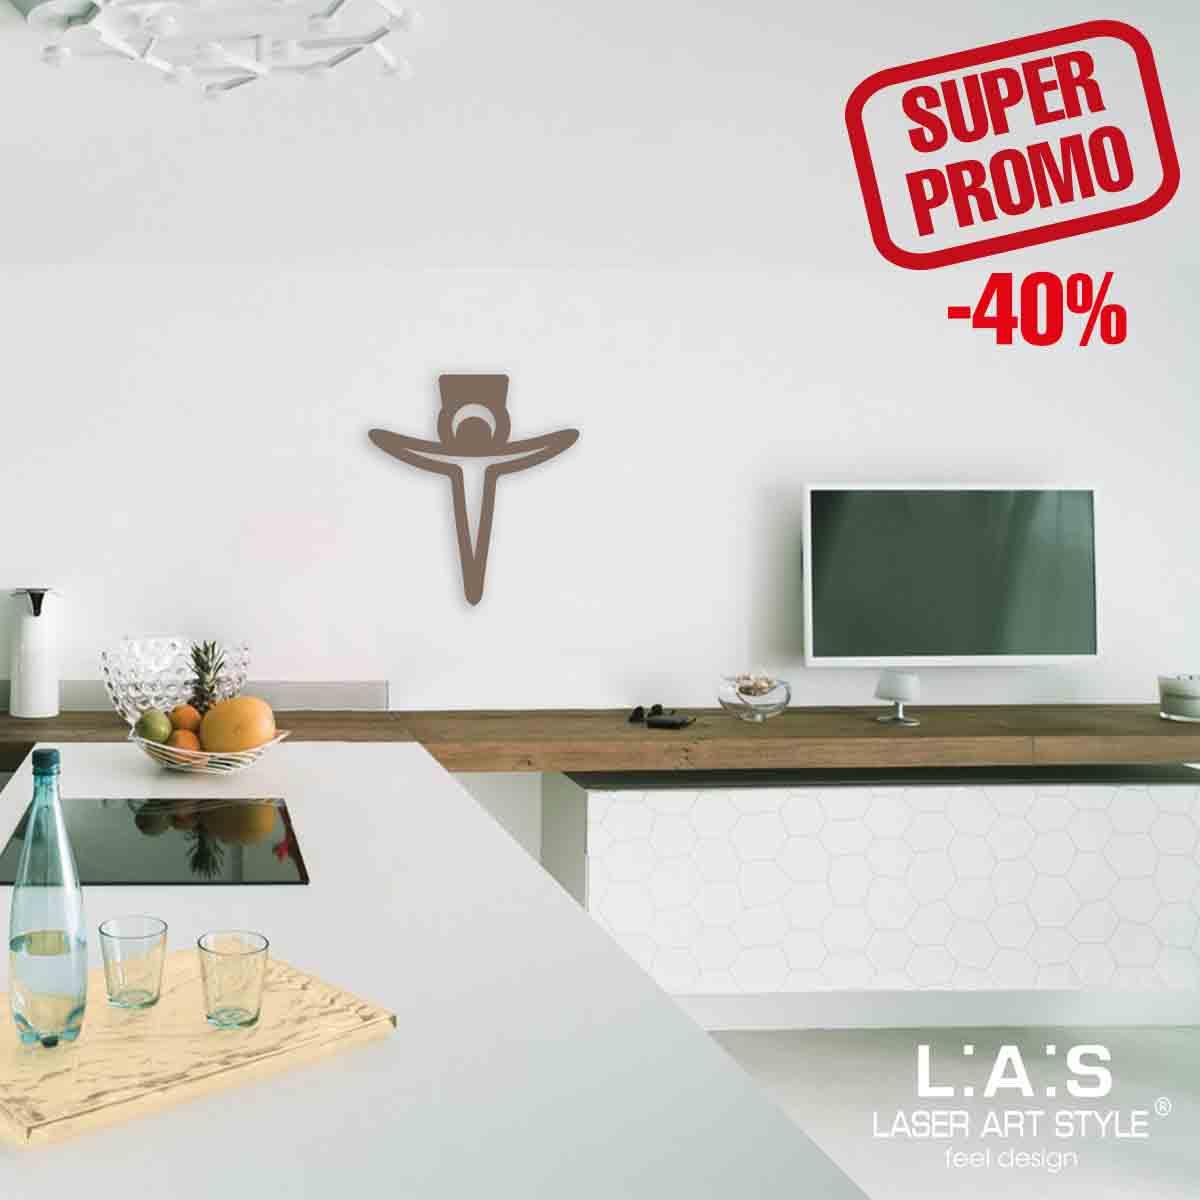 L:A:S - Laser Art Style - CROCIFISSO MODERNO – CR24 GRIGIO MARRONE